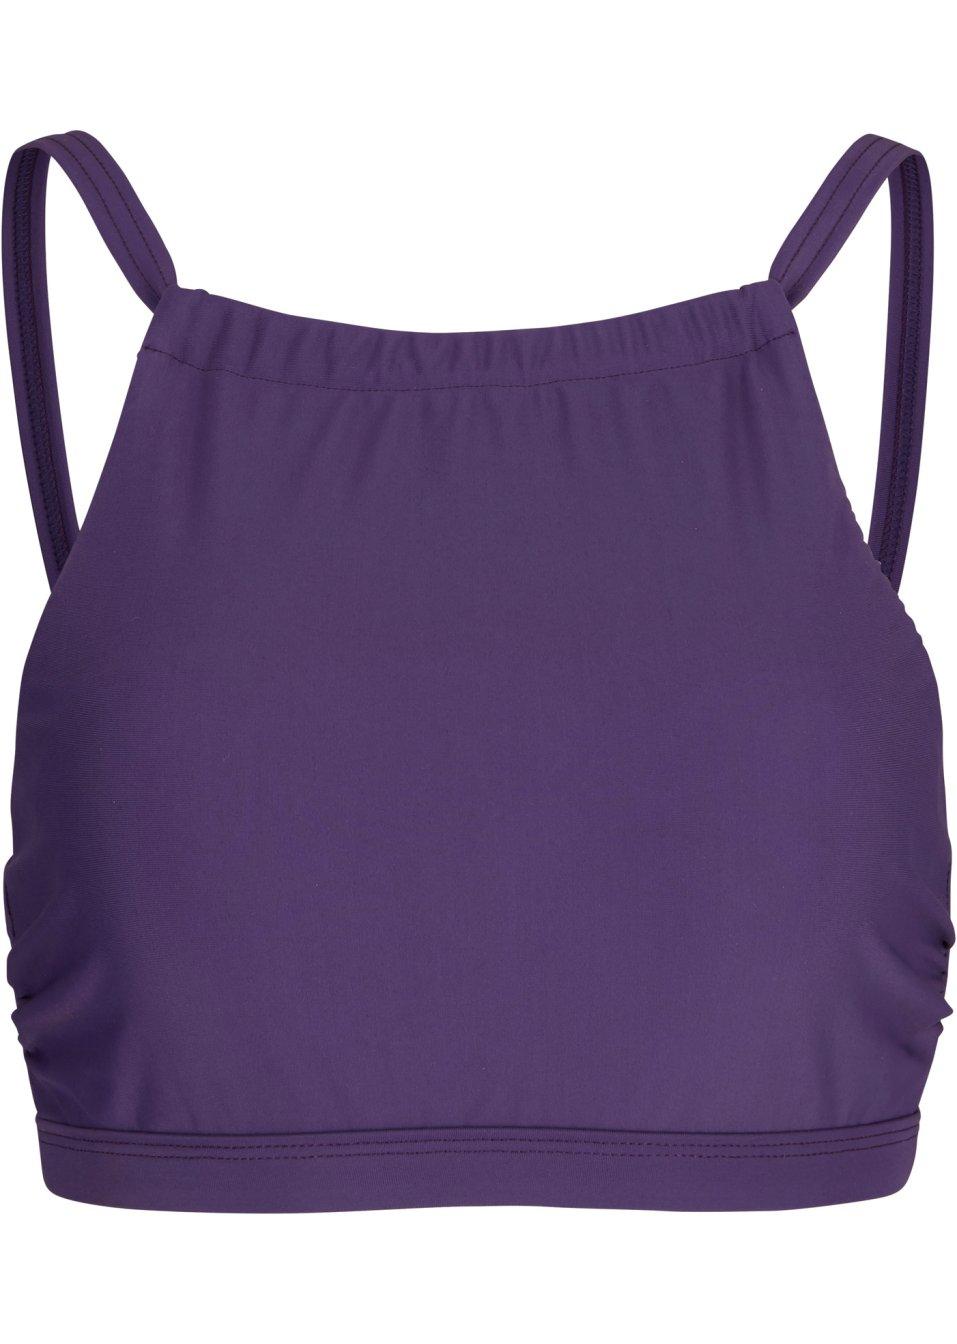 Schönes Bustier Bikini Oberteil aus schnelltrocknender Badeware - lila uni JqUBG 2UCuS